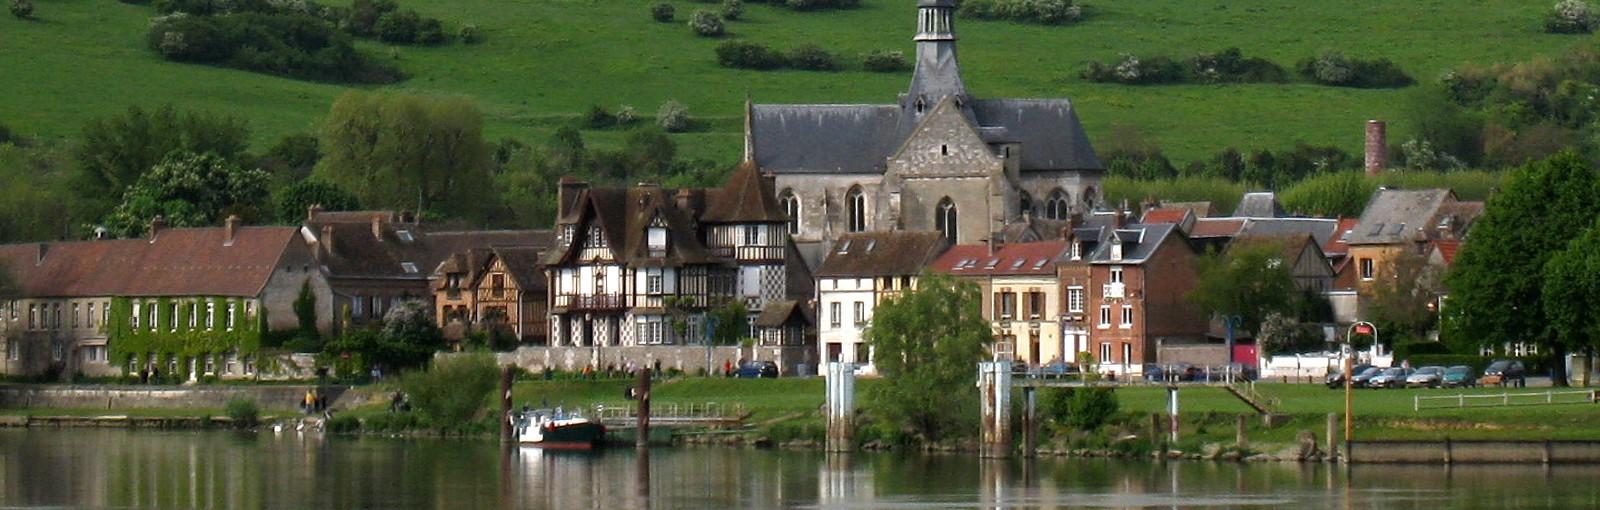 Tours Rouen, la route des abbayes normandes & la côte d'Albâtre - Normandie - Circuits au départ de Paris